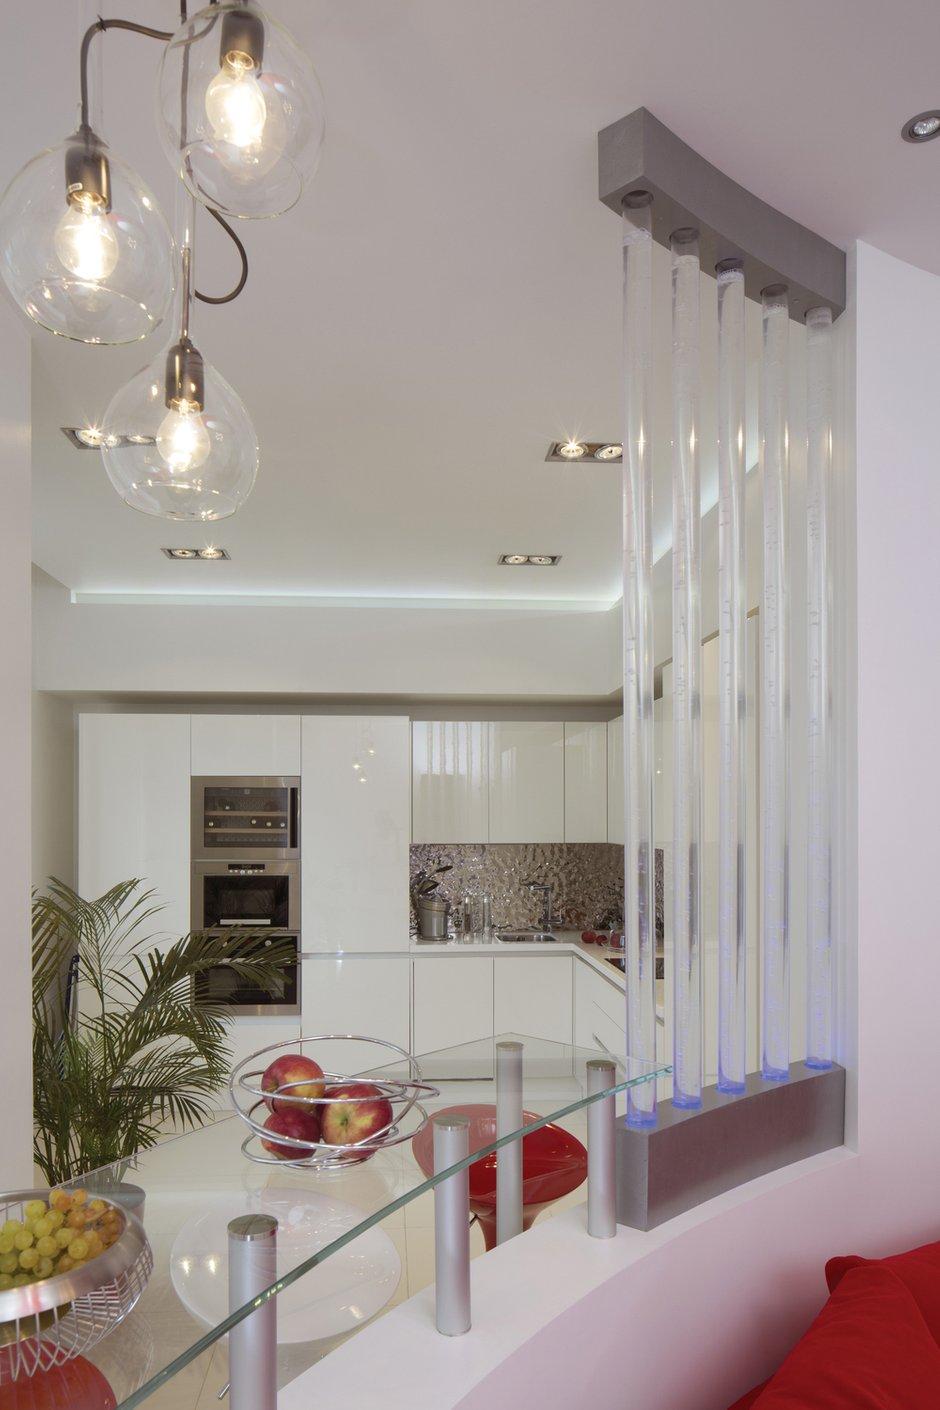 Фотография: Кухня и столовая в стиле Хай-тек, Квартира, Цвет в интерьере, Дома и квартиры, Белый – фото на INMYROOM